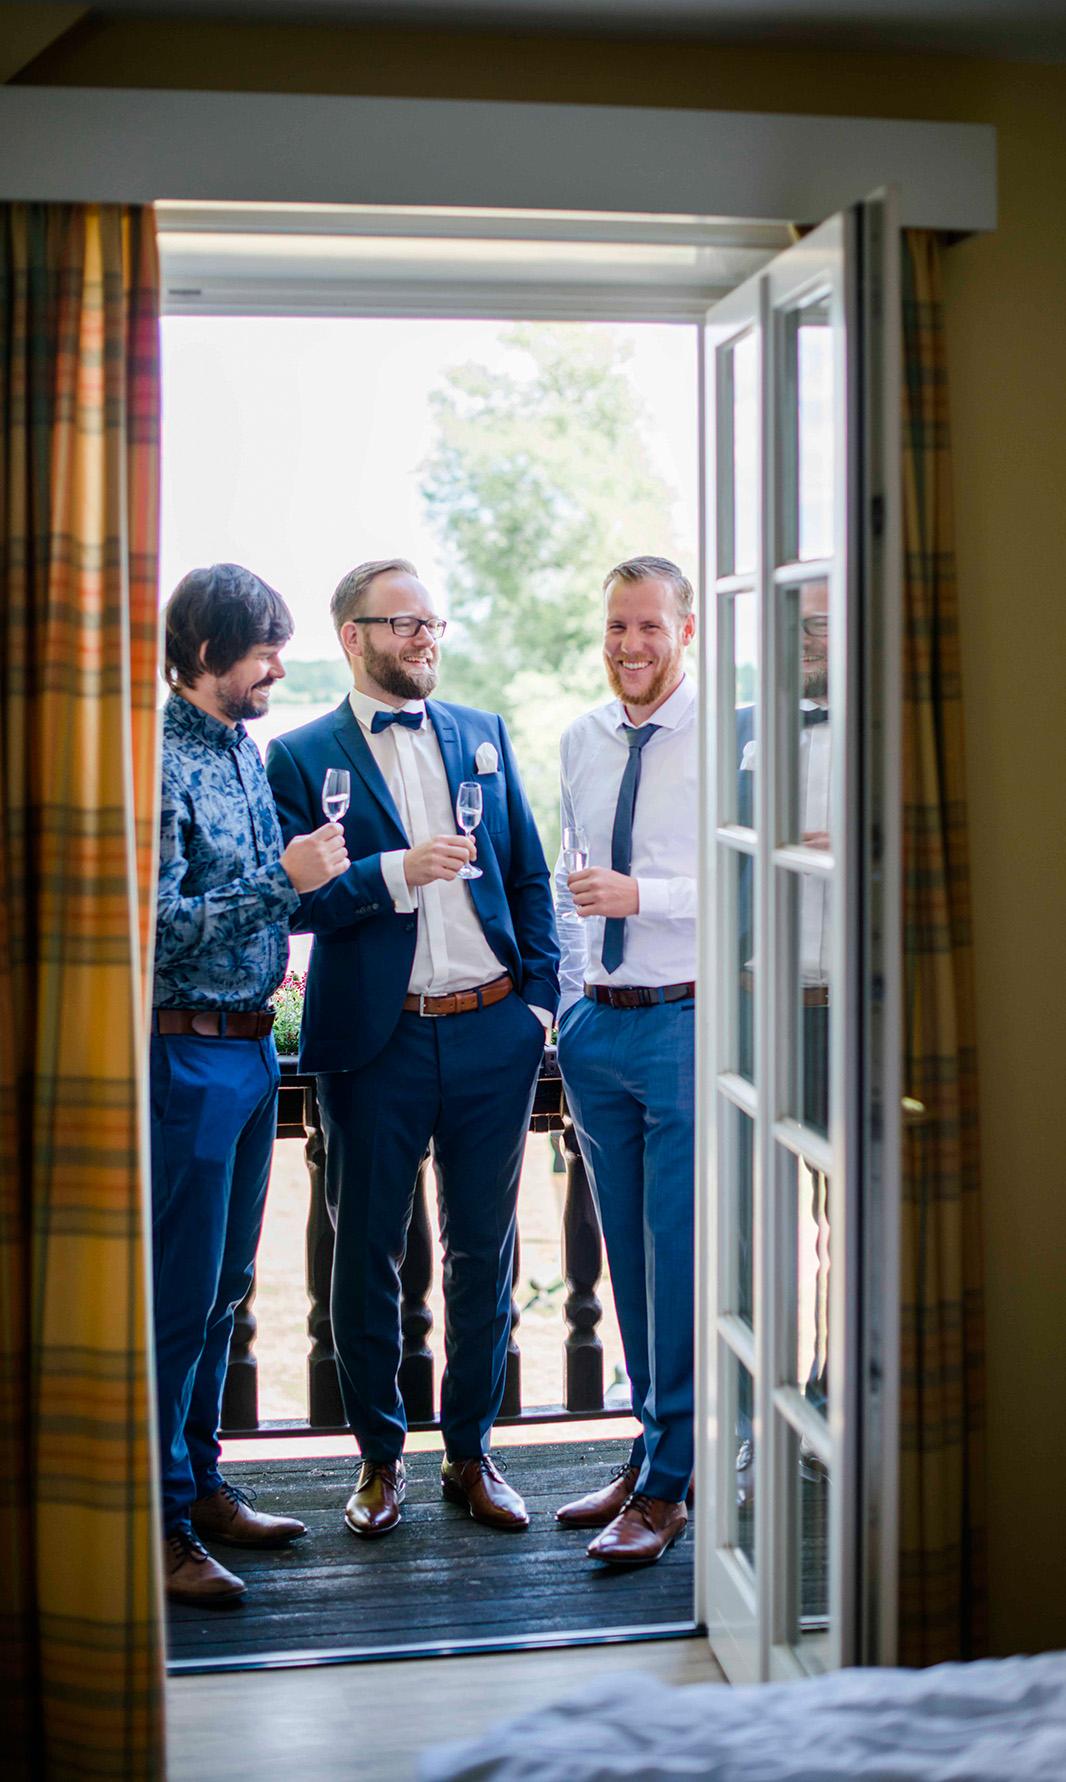 KathleenWelkerPhotography_Hochzeit-am-See-entspanntes-Getting-Ready-Fischhaus-Hotel-Schaalsee-74